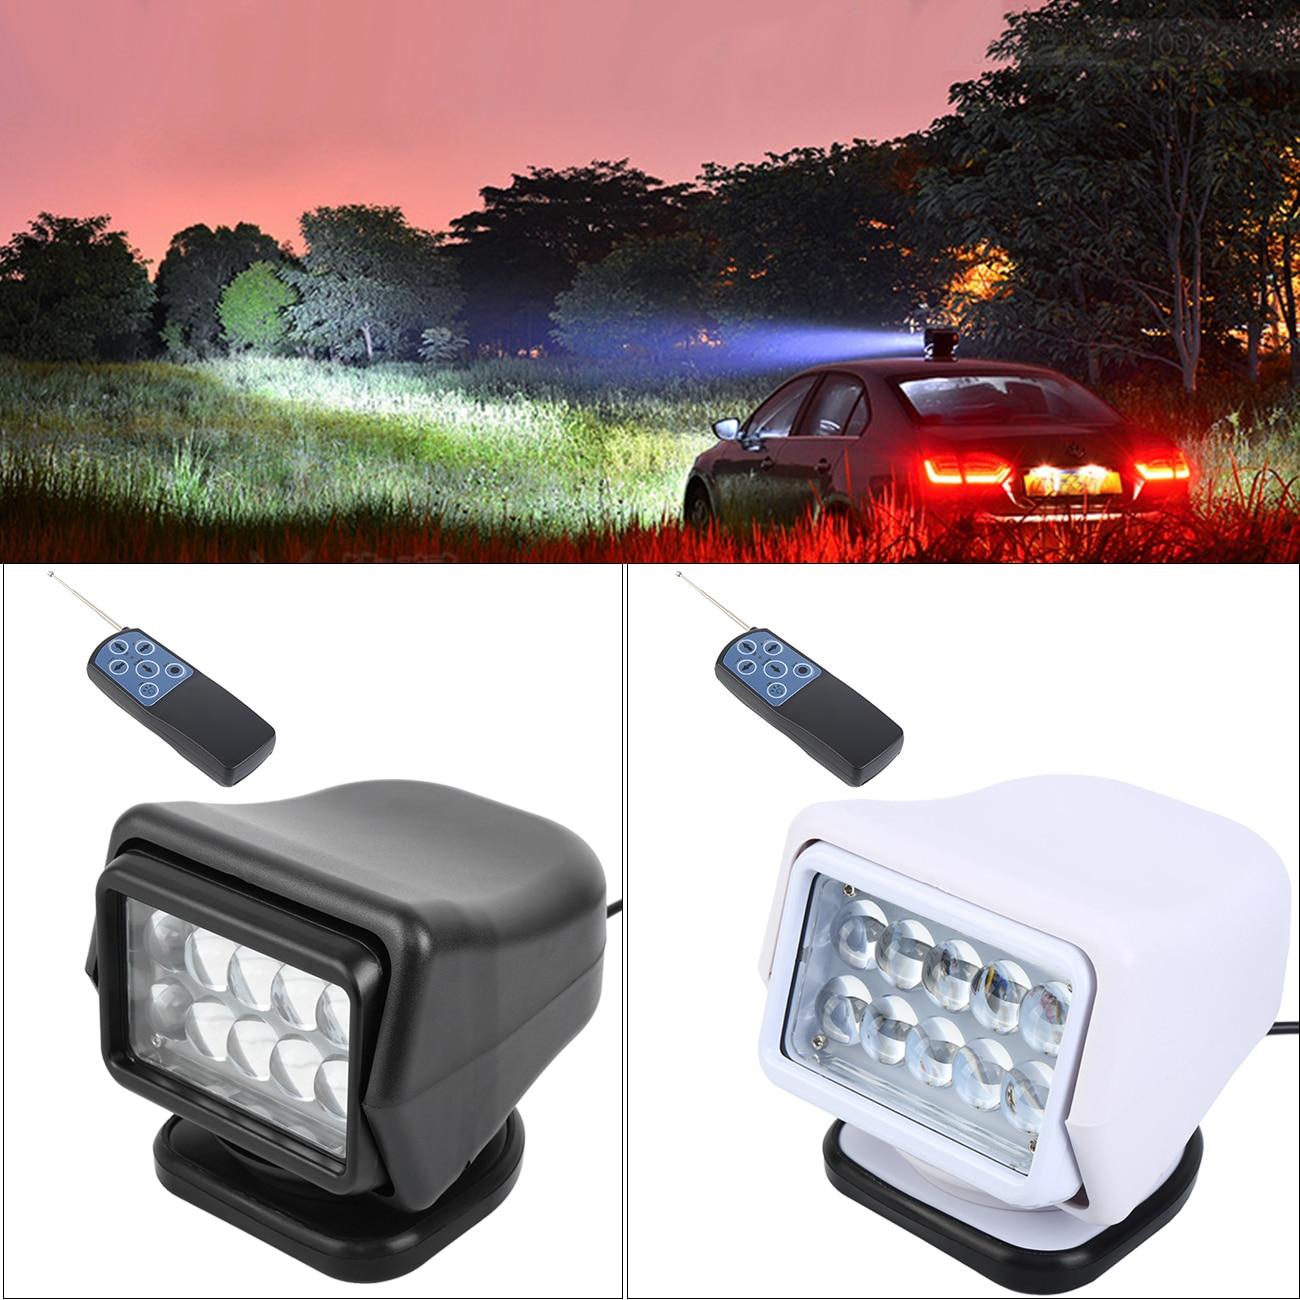 Samger 360 ° télécommande voiture recherche lumière 12V LED Worklight Camping lampe Base magnétique pour bateaux voiture véhicule hors route 1 pièces